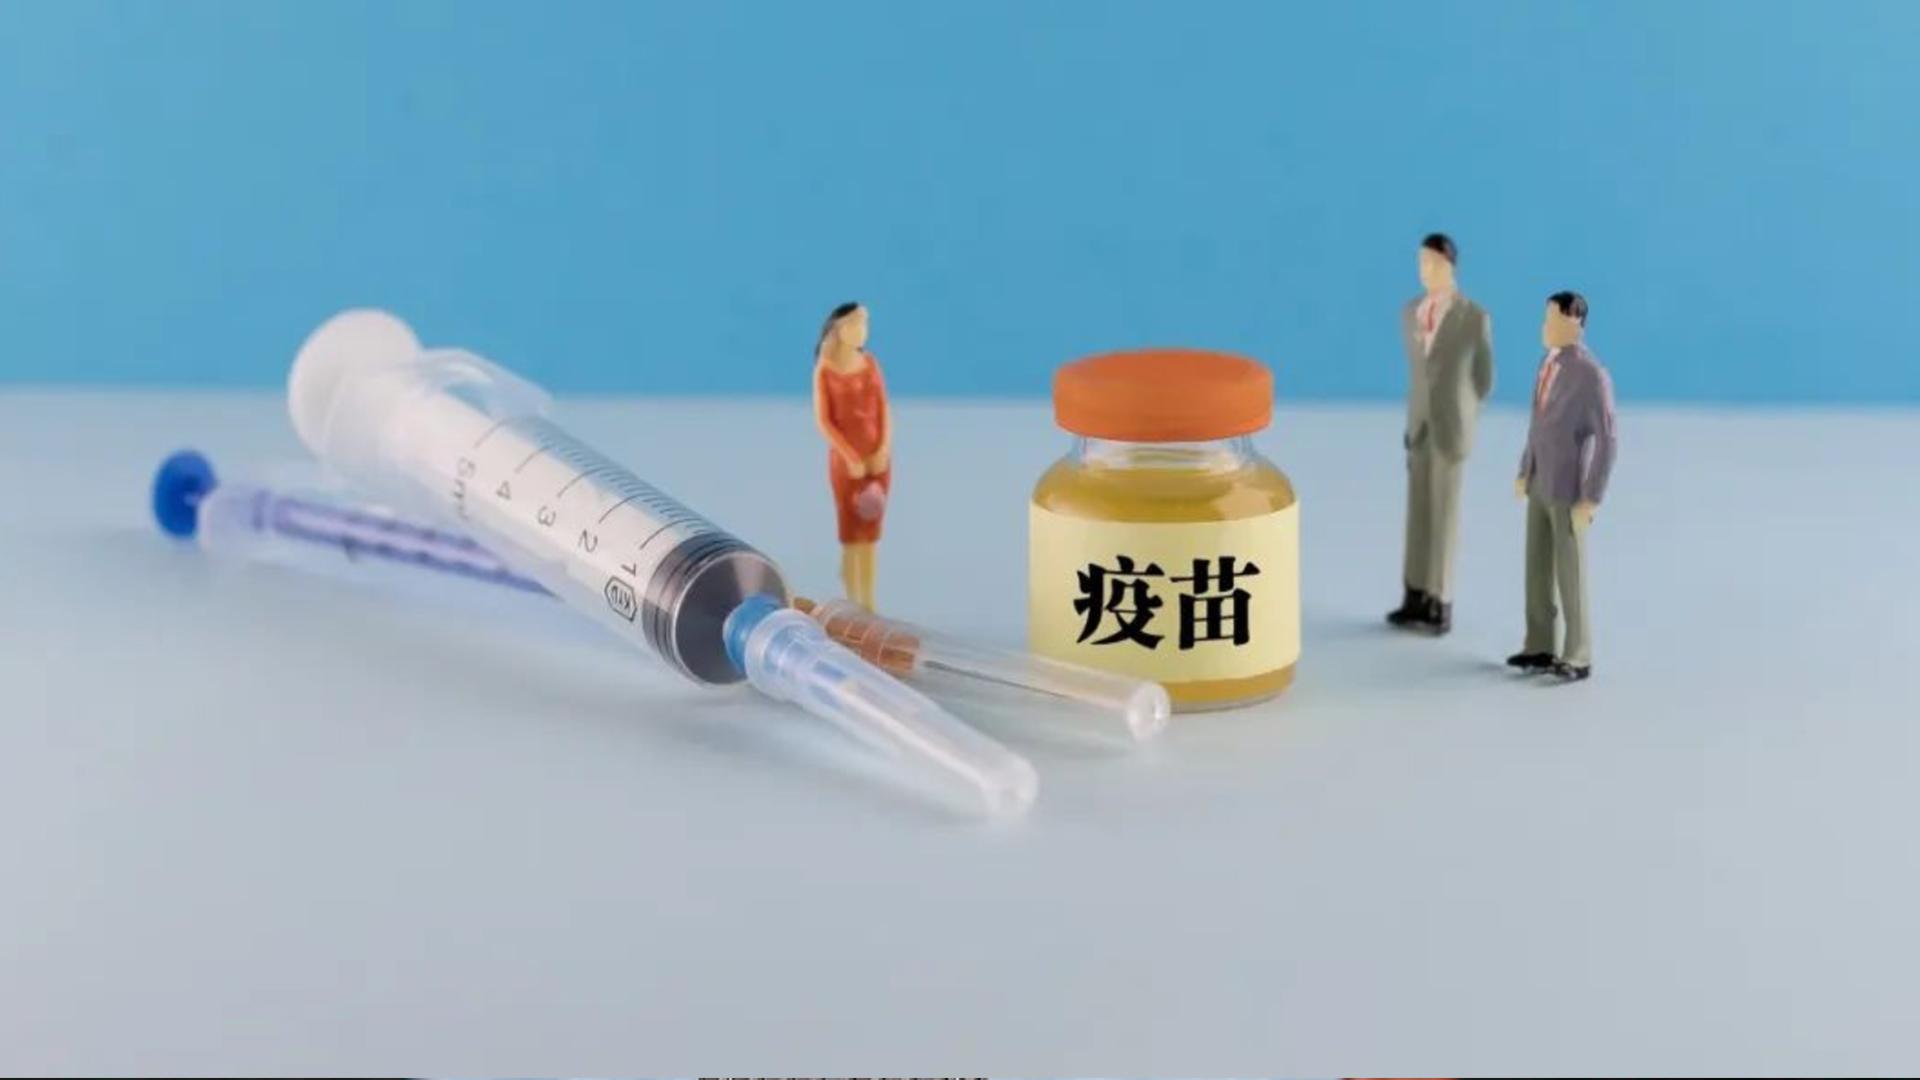 民进党当局仍拒大陆疫苗 国台办再拷问:为何剥夺台胞权利图片